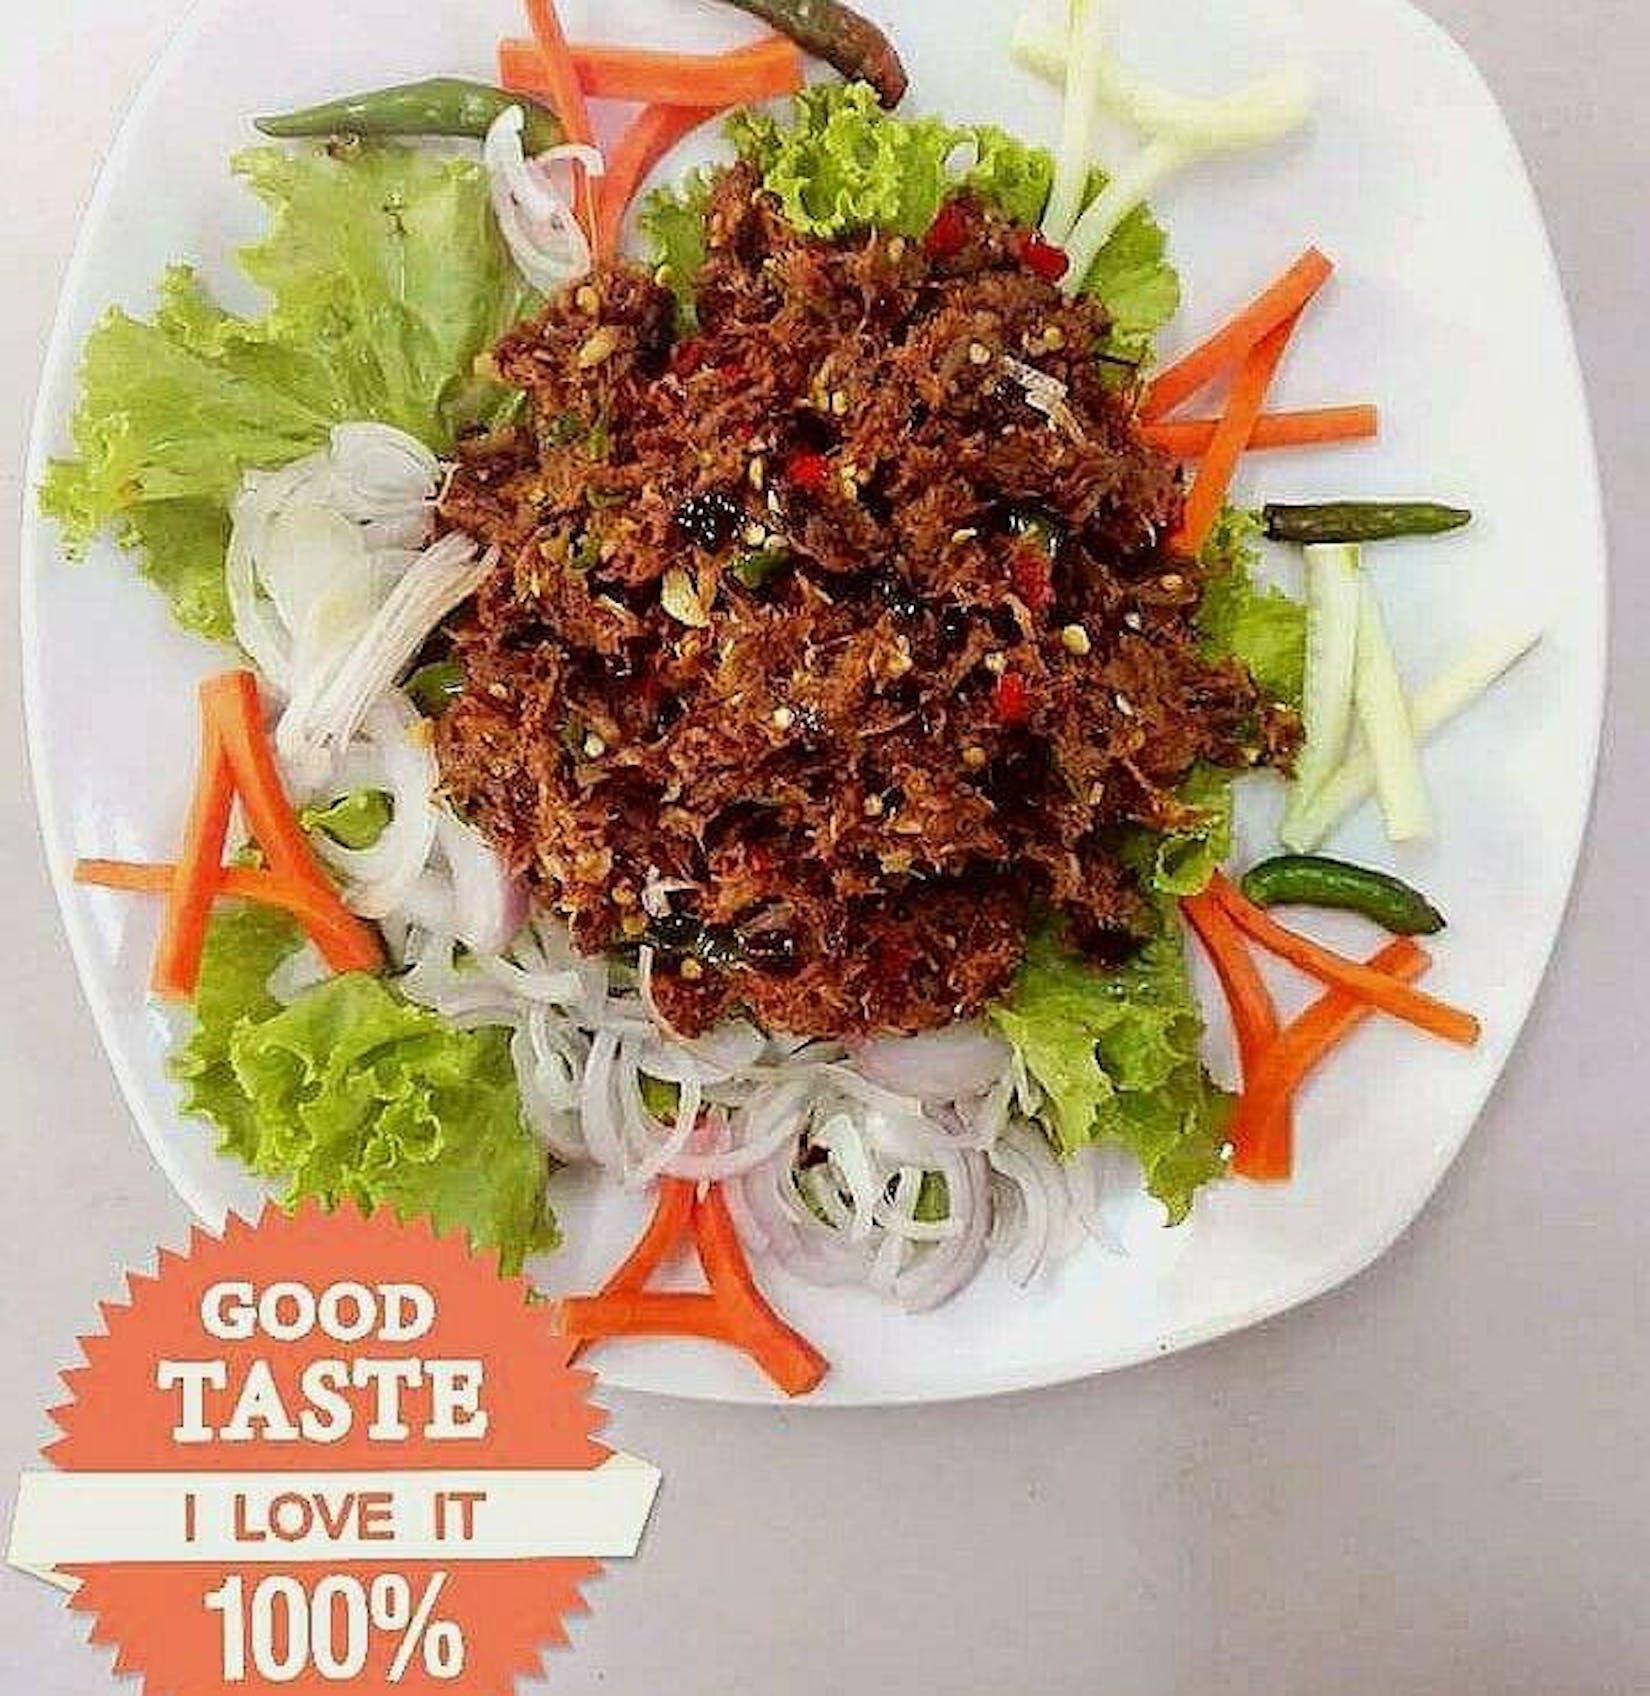 SHIN SHIN Rice & Noodle | yathar